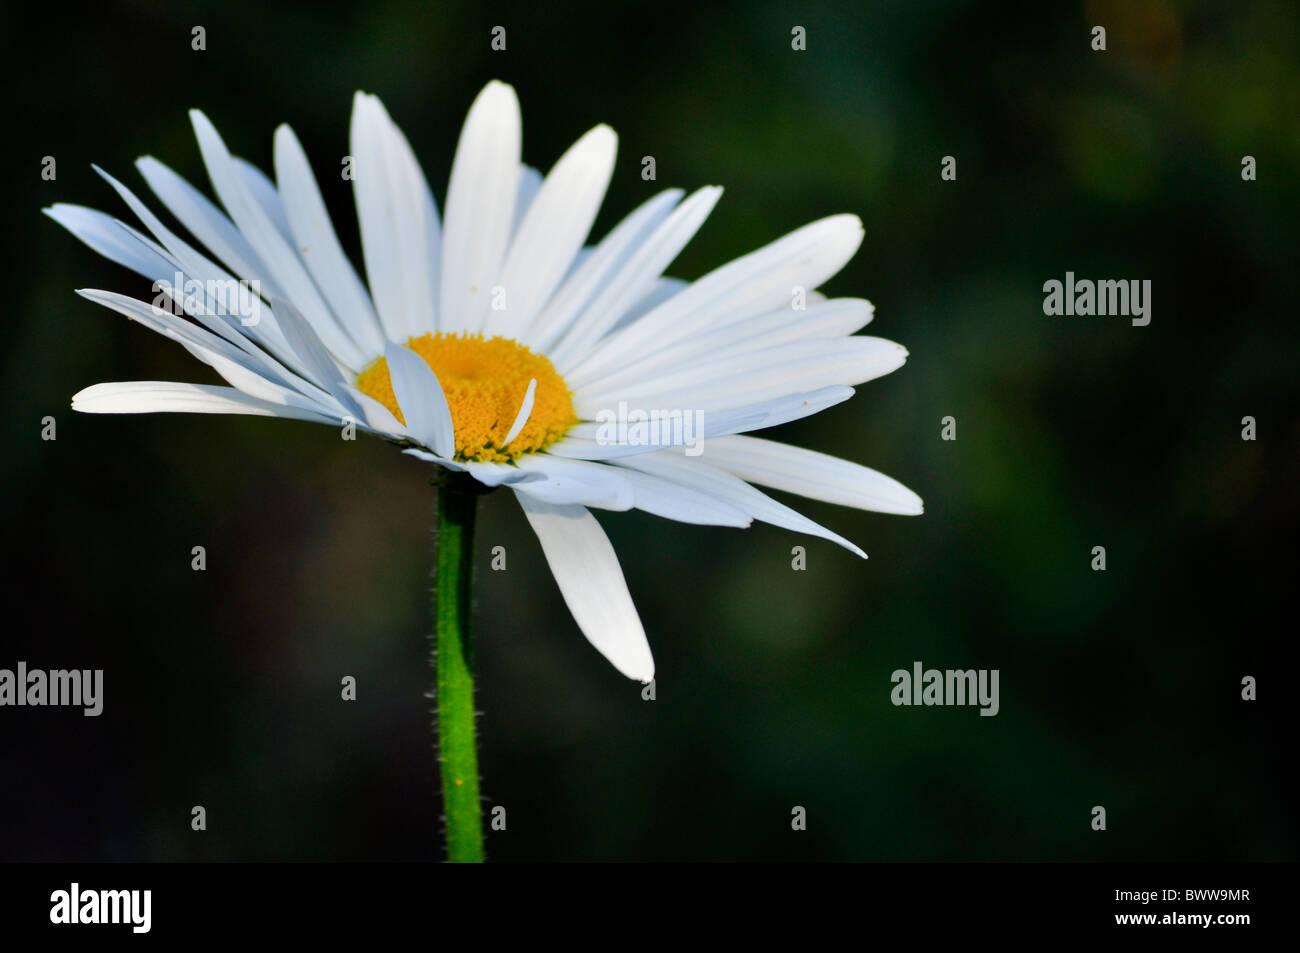 Un unico collegamento daisy isolato in bianco su sfondo scuro Immagini Stock